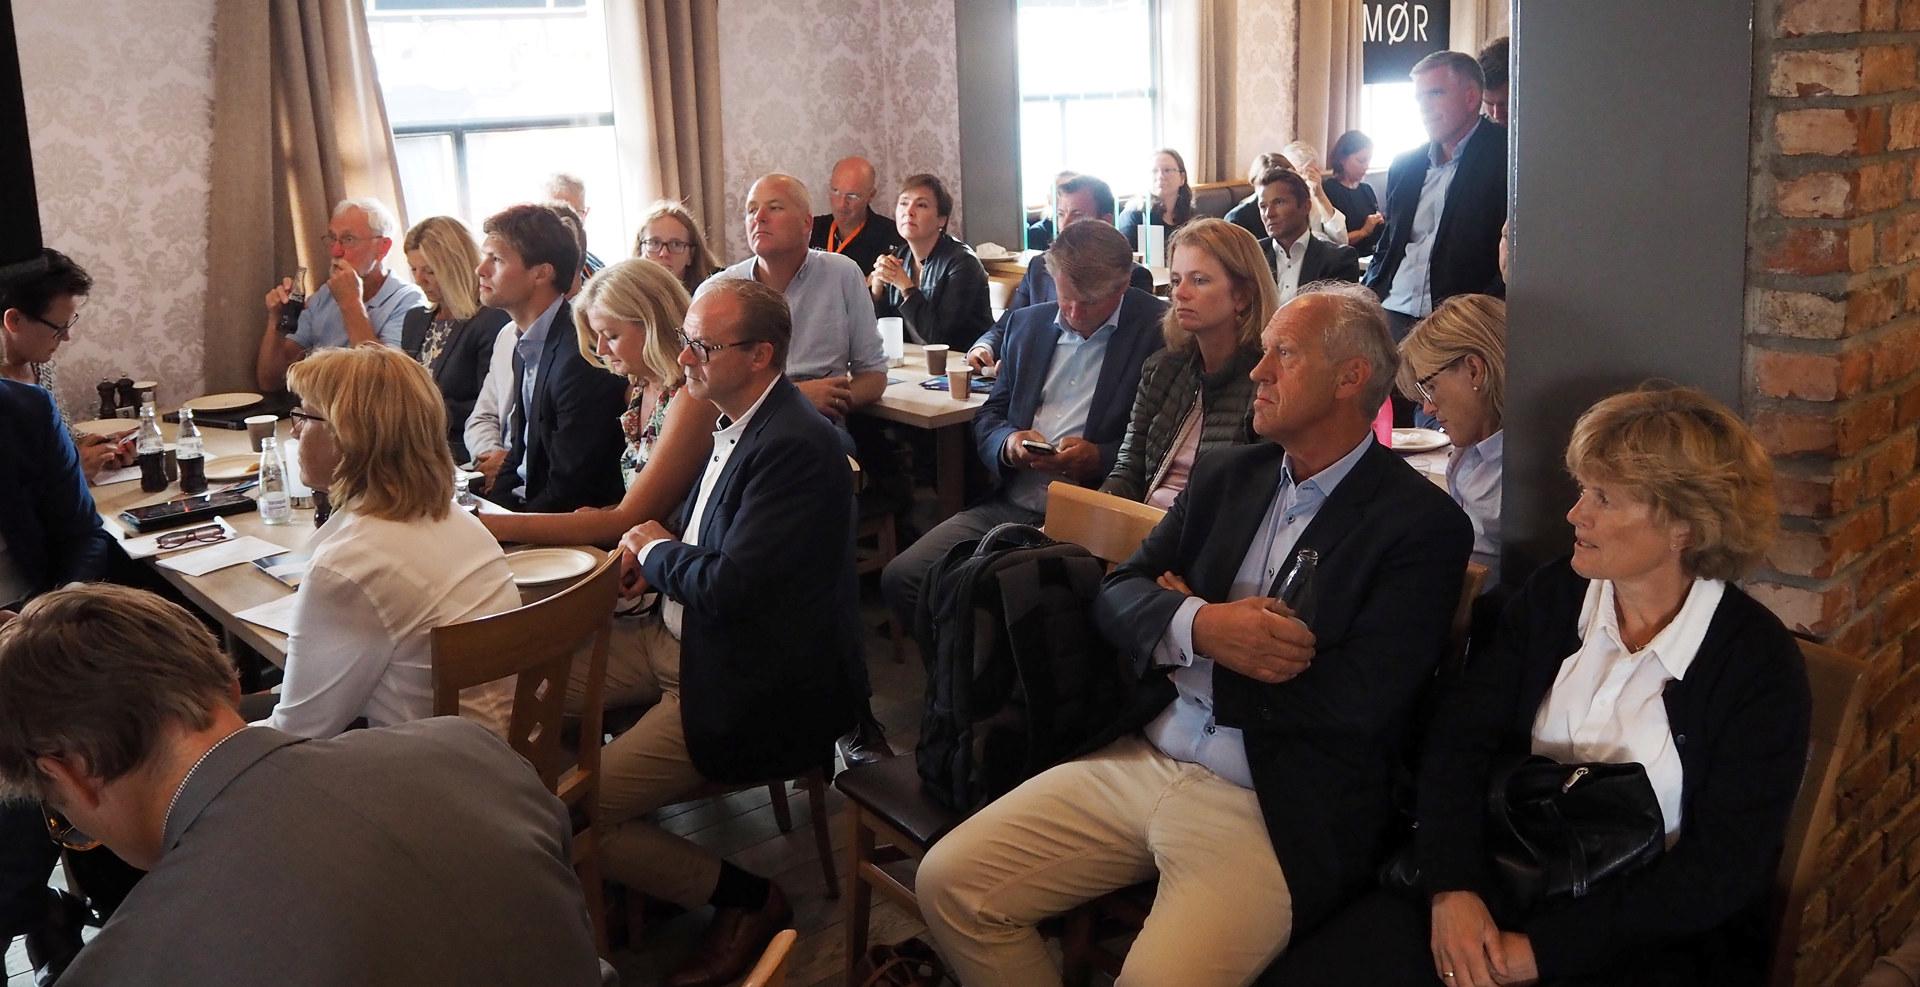 Arendalsuka 2018, fullt hus på møte om industripolitikk